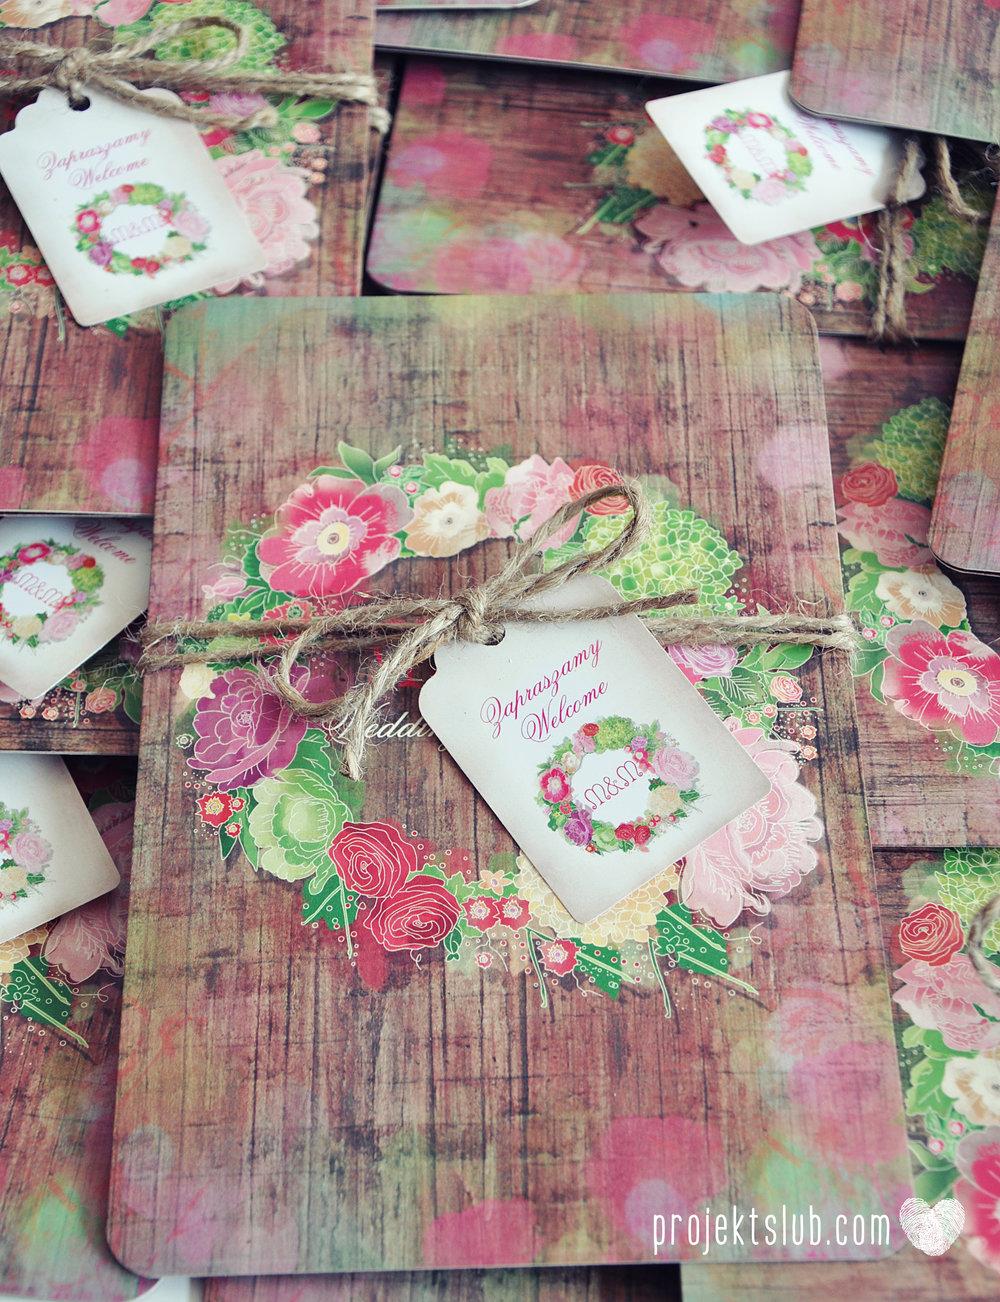 Zaproszenia ślubne wedding festival wianki kwiatowe drewno eko rustykalne boho kolorowe kwiaty festiwalowe wesele Projekt Ślub  (24).JPG